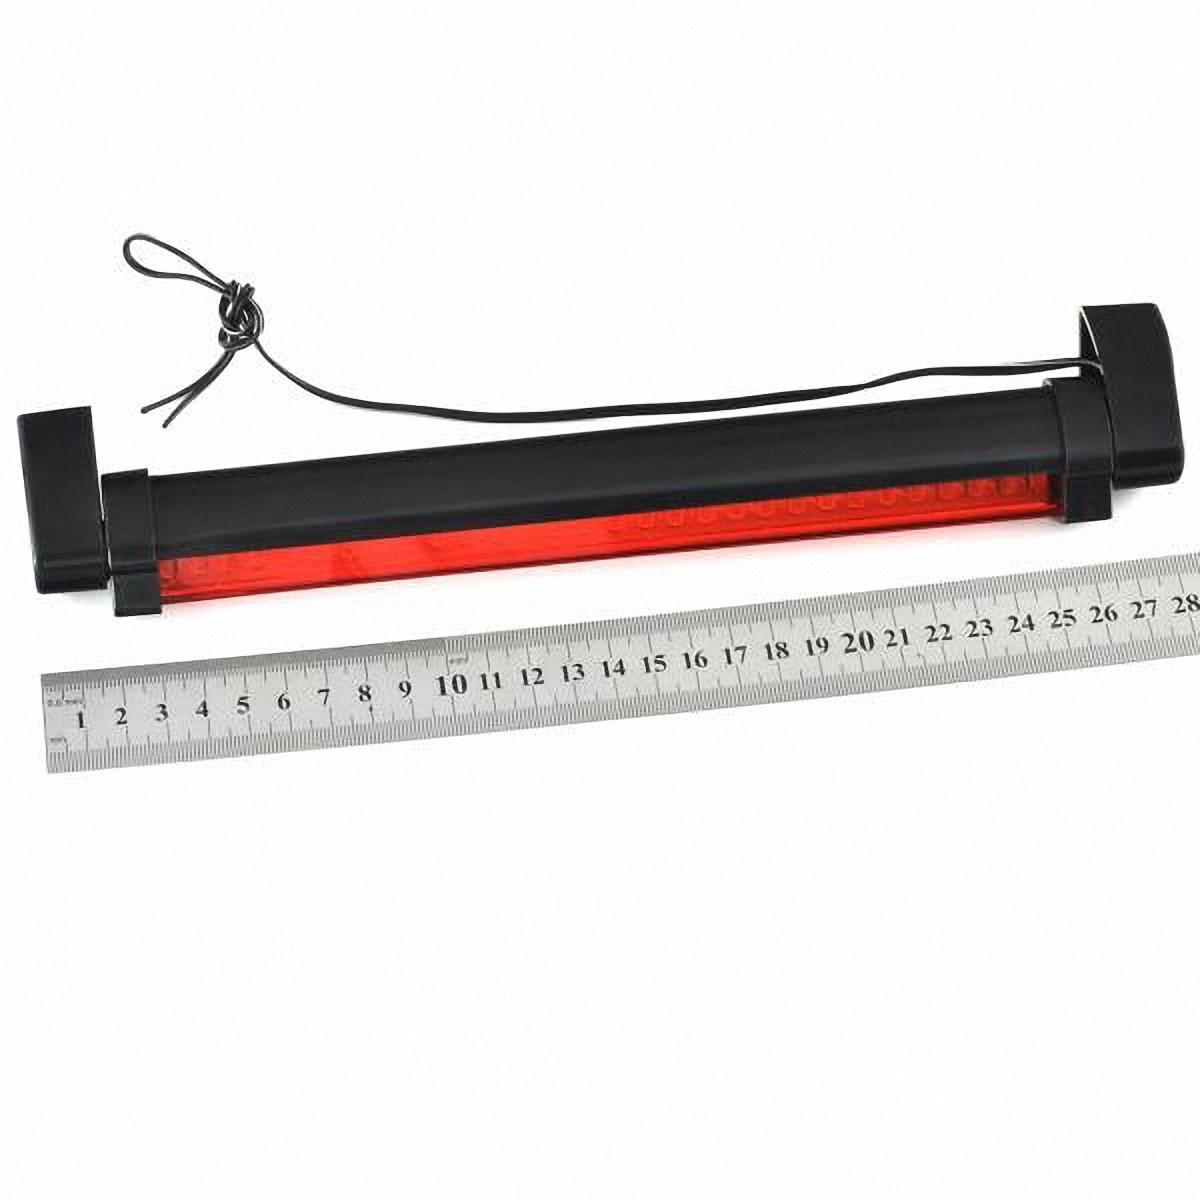 Стоп-сигнал дополнительный Skyway, 32 светодиодаSTB-32LEDBДополнительный светодиодный стоп-сигнал устанавливается в штатное место крышки багажника. Он дублирует основные стоп-сигналы, что положительно сказывается на безопасности движения. Корпус затонирован, но при этом не влияет на светотехнические характеристики стоп-сигнала. В отличие от обычных ламп накаливания, светодиоды служат в несколько раз дольше, кроме того обеспечивая более высокую яркость свечения. Установка не требует специальных навыков и может быть осуществлена своими силами. Преимущества: -простота установки -повышение активной безопасности движения -продолжительный срок службы Напряжение: 12В.